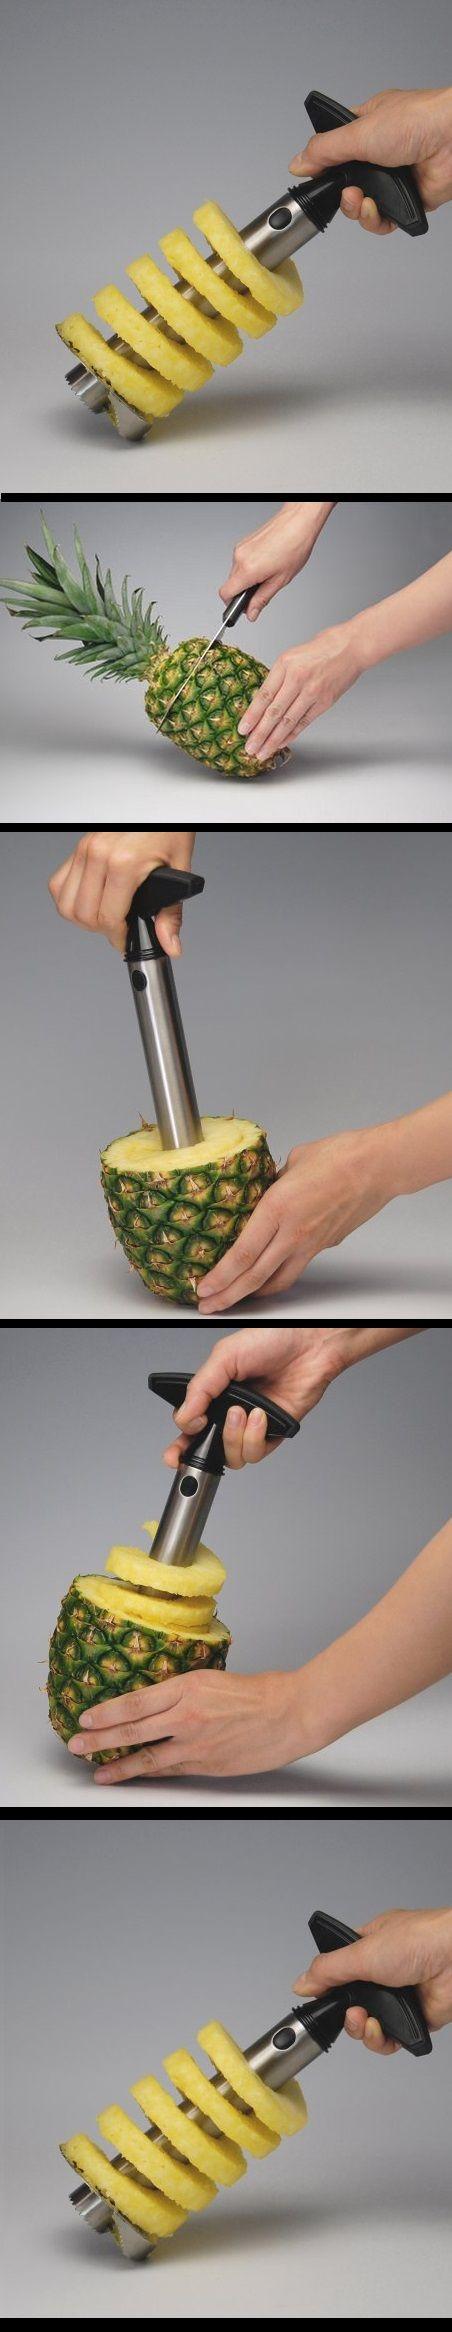 Pineapple Easy Slicer and De-Corer